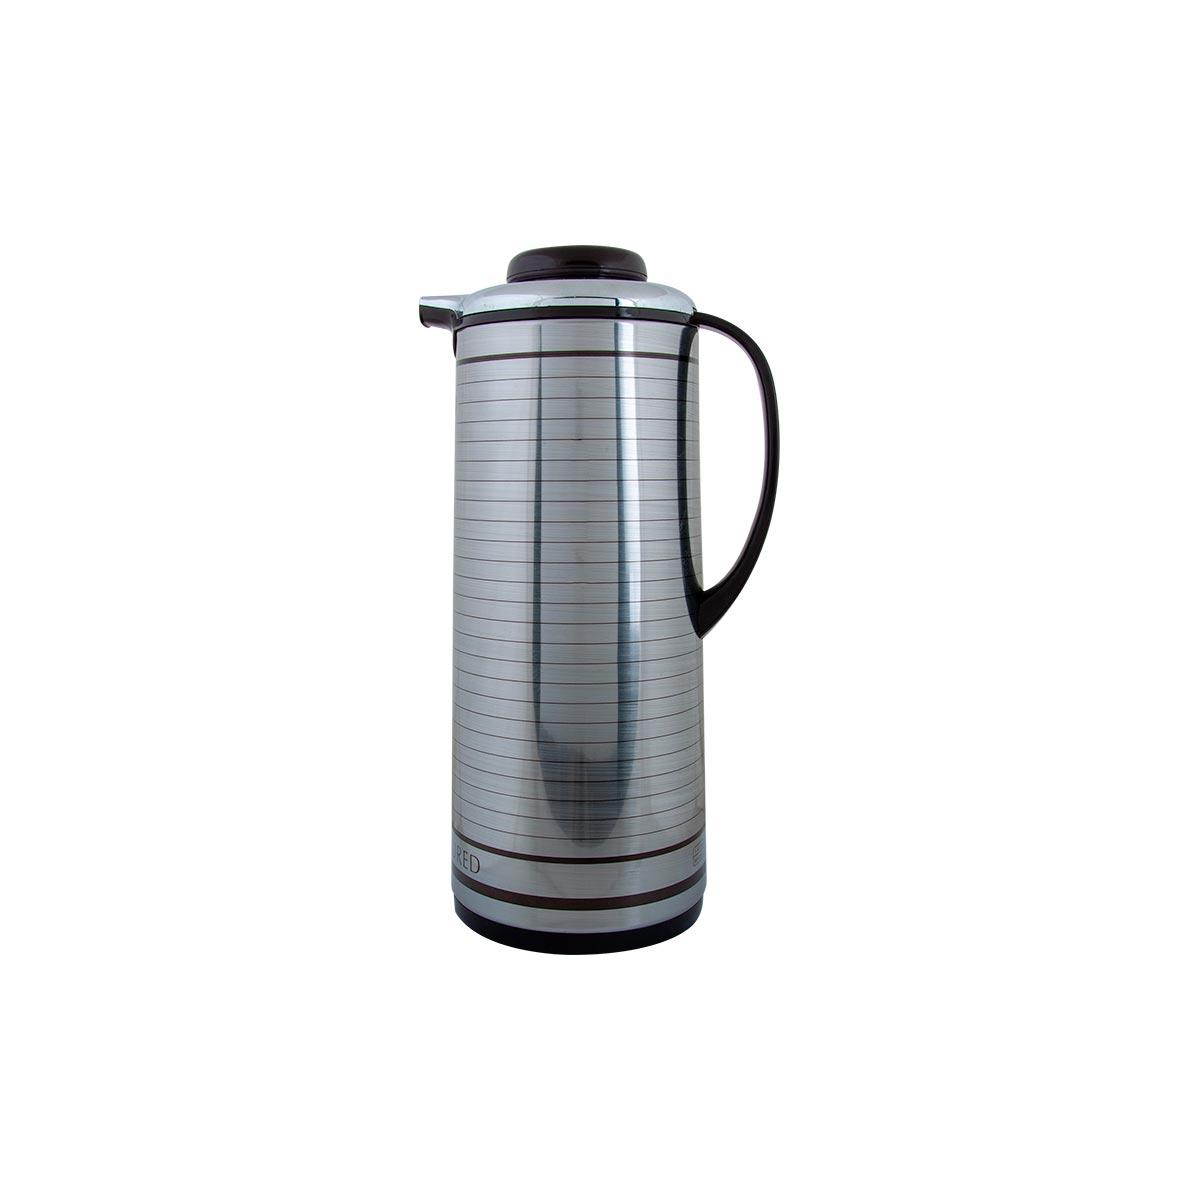 ترمس شاي وقهوة , دوتس , مقاس  1.3لتر موديل VFD-103S